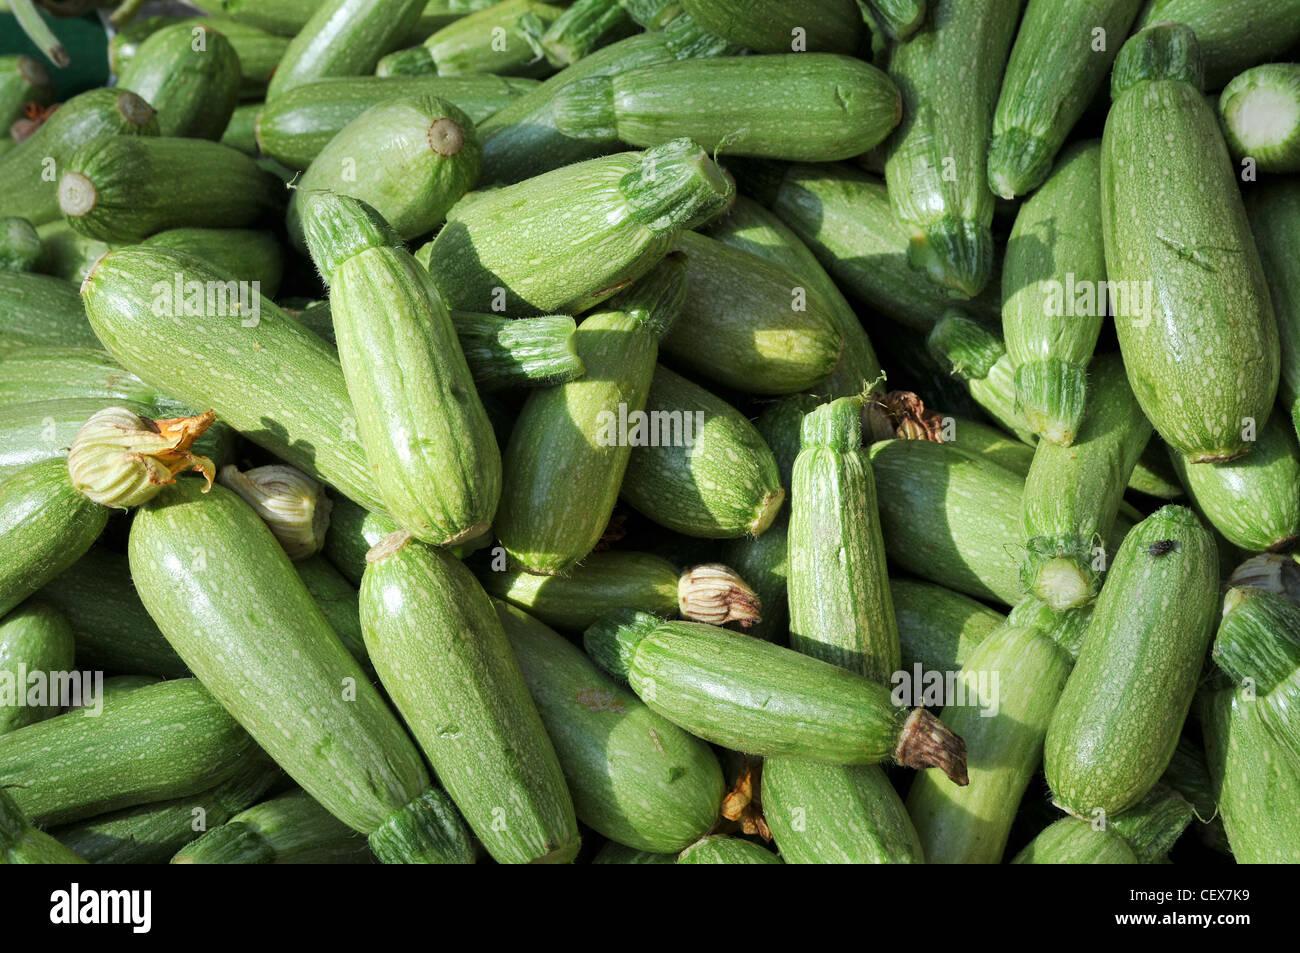 Un montón de calabacín fresco (calabacín) Imagen De Stock